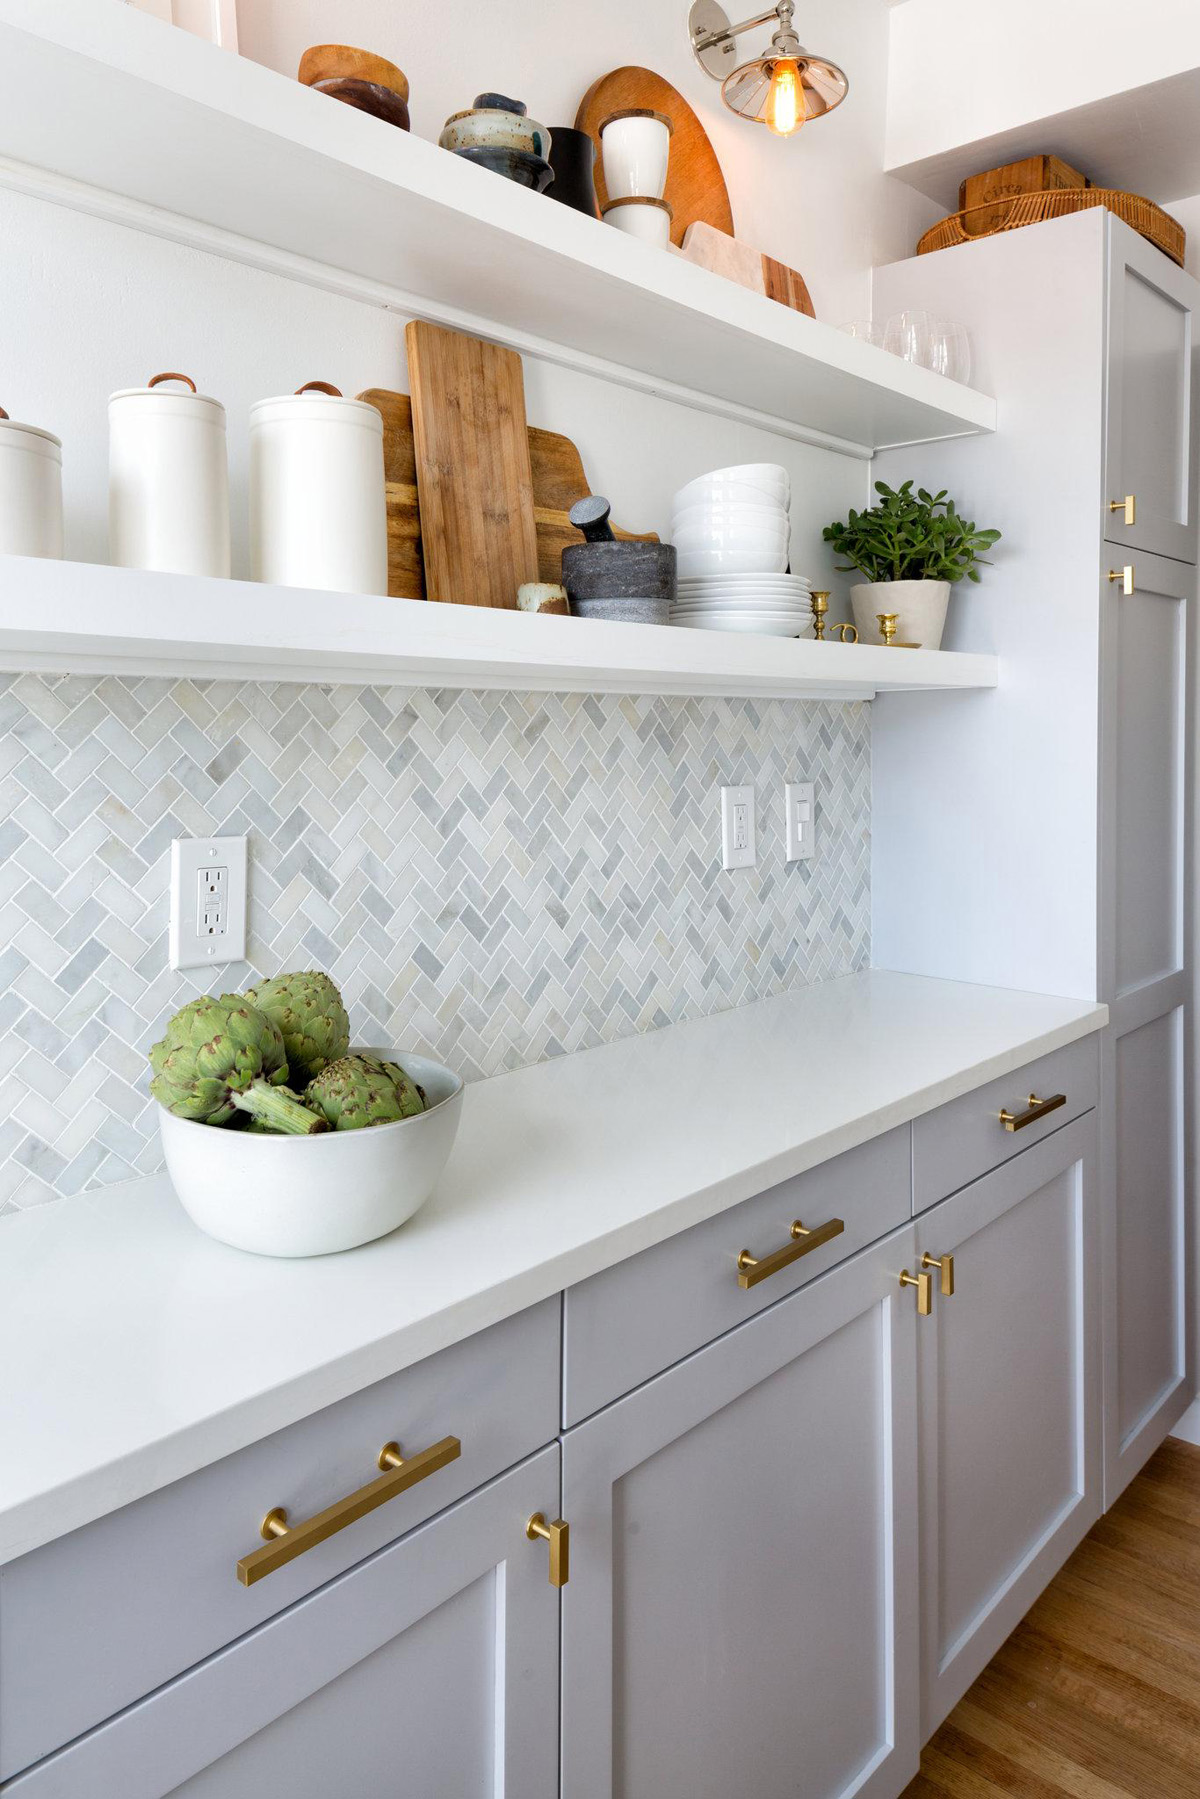 Cambiamo stile alla cucina iniziamo dalle maniglie - Maniglie cucina leroy merlin ...